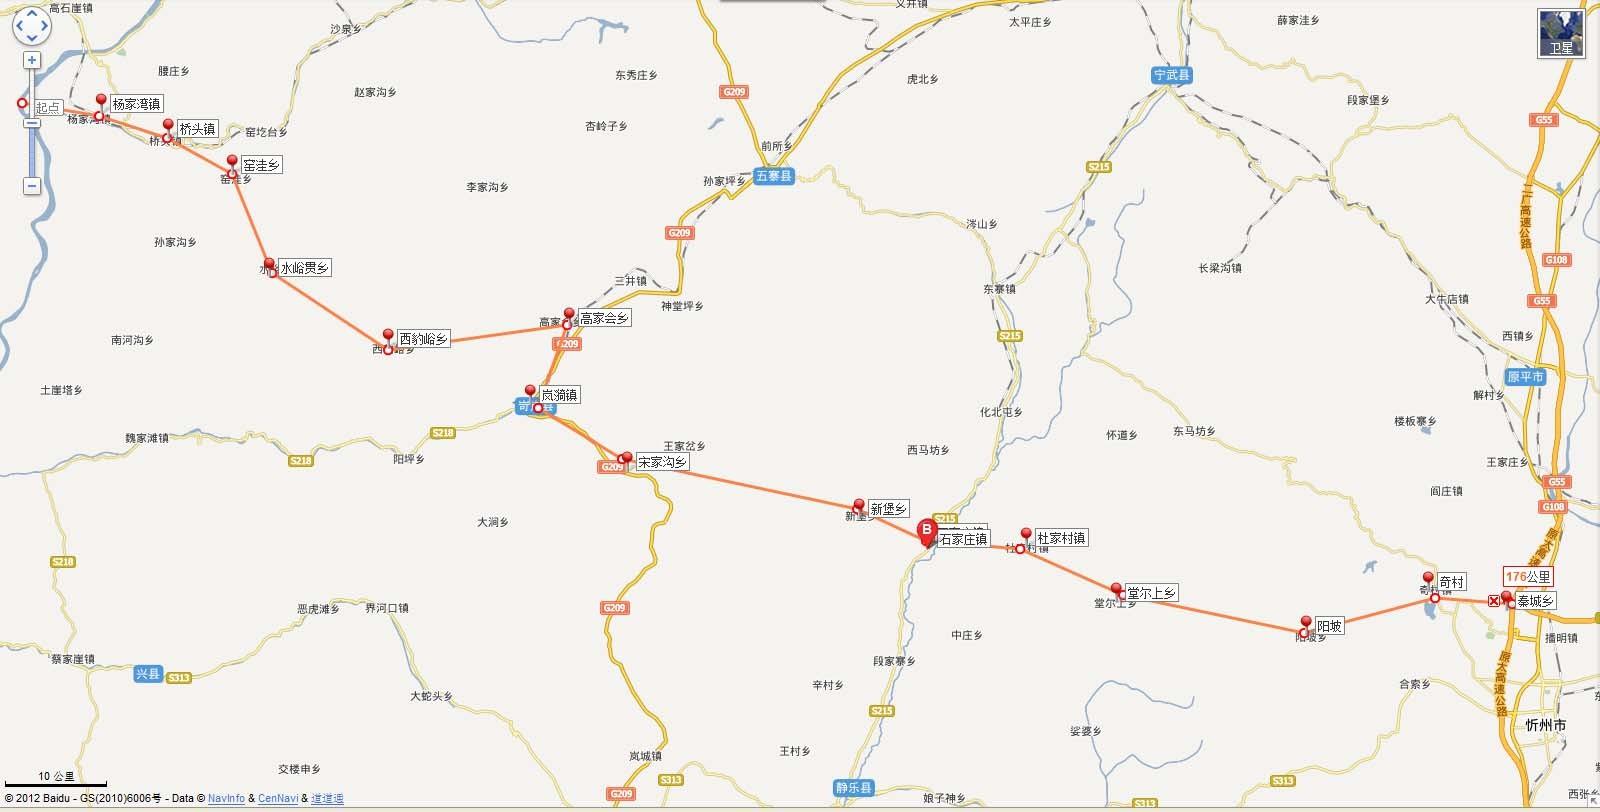 忻保高速路線圖圖片